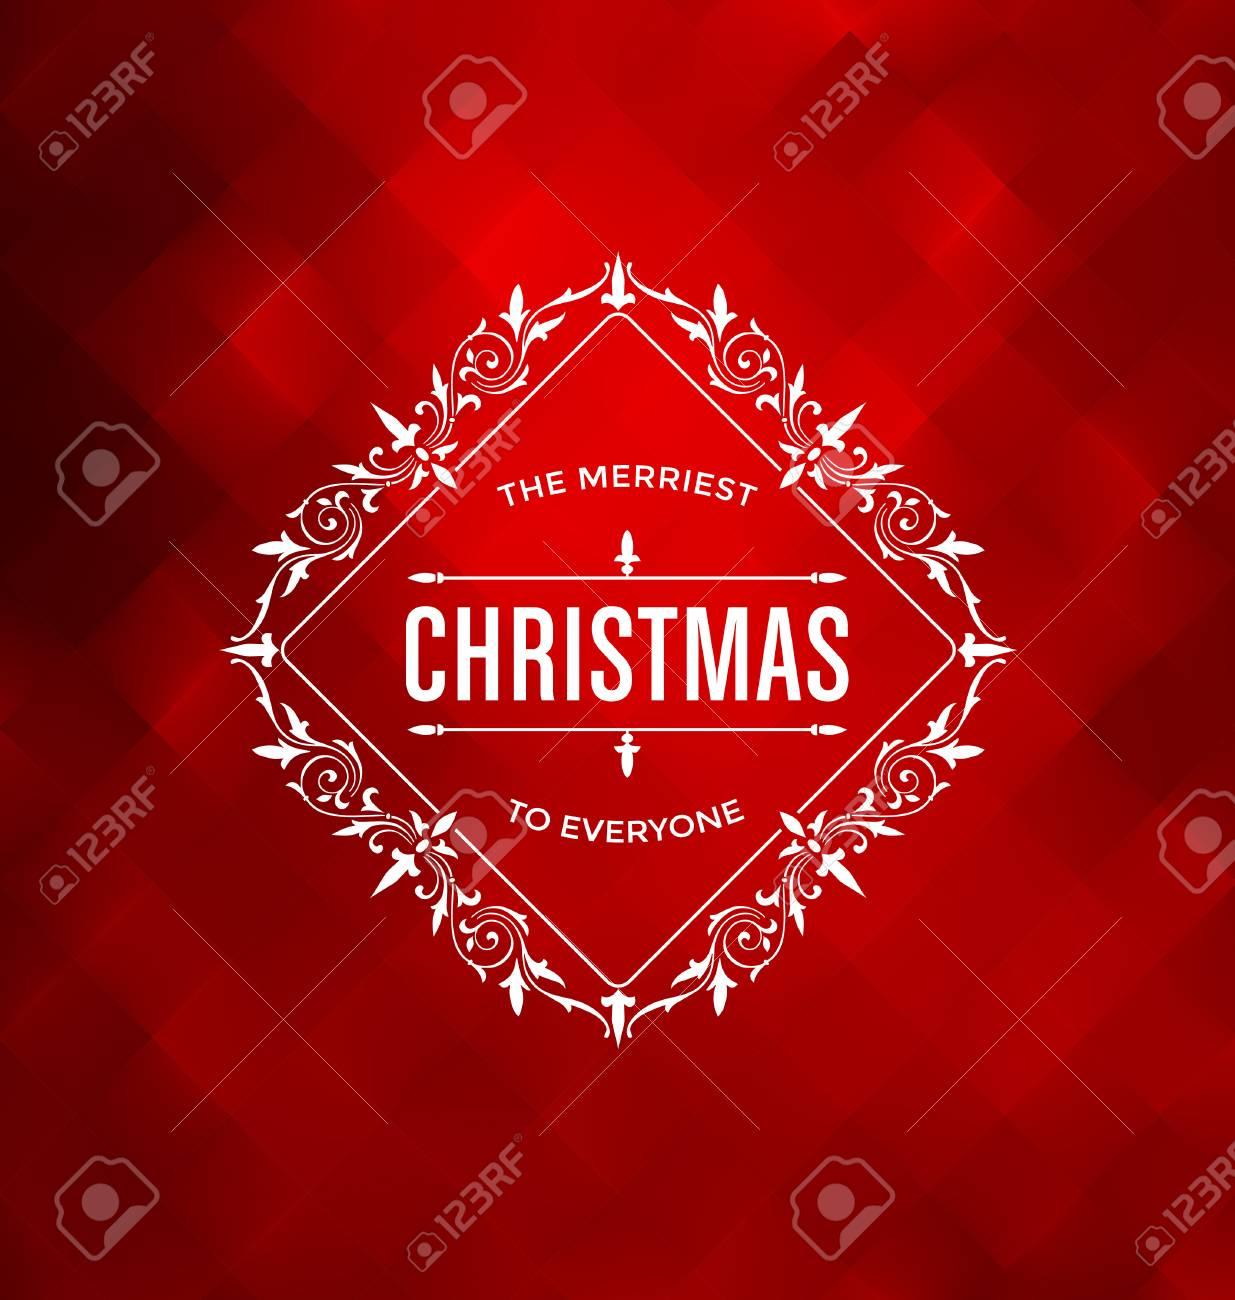 Weihnachtskarten Entwurf Elegante Stilvolle Gruß Mit